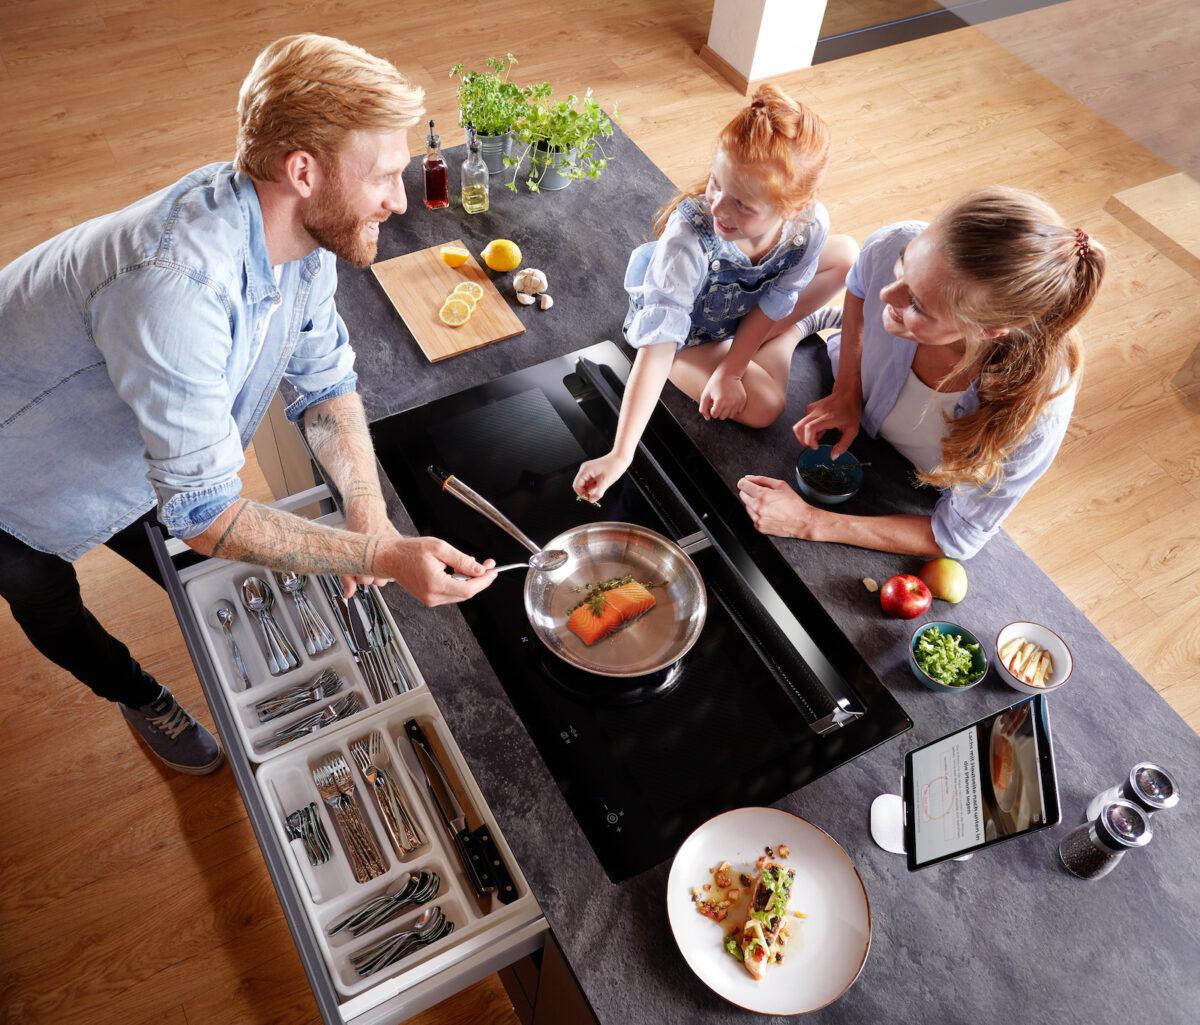 Das revolutionäre, smarte Kochsystem be-cook von ORANIER wurde mit dem Kitchen Innovation Award 2021 ausgezeichnet